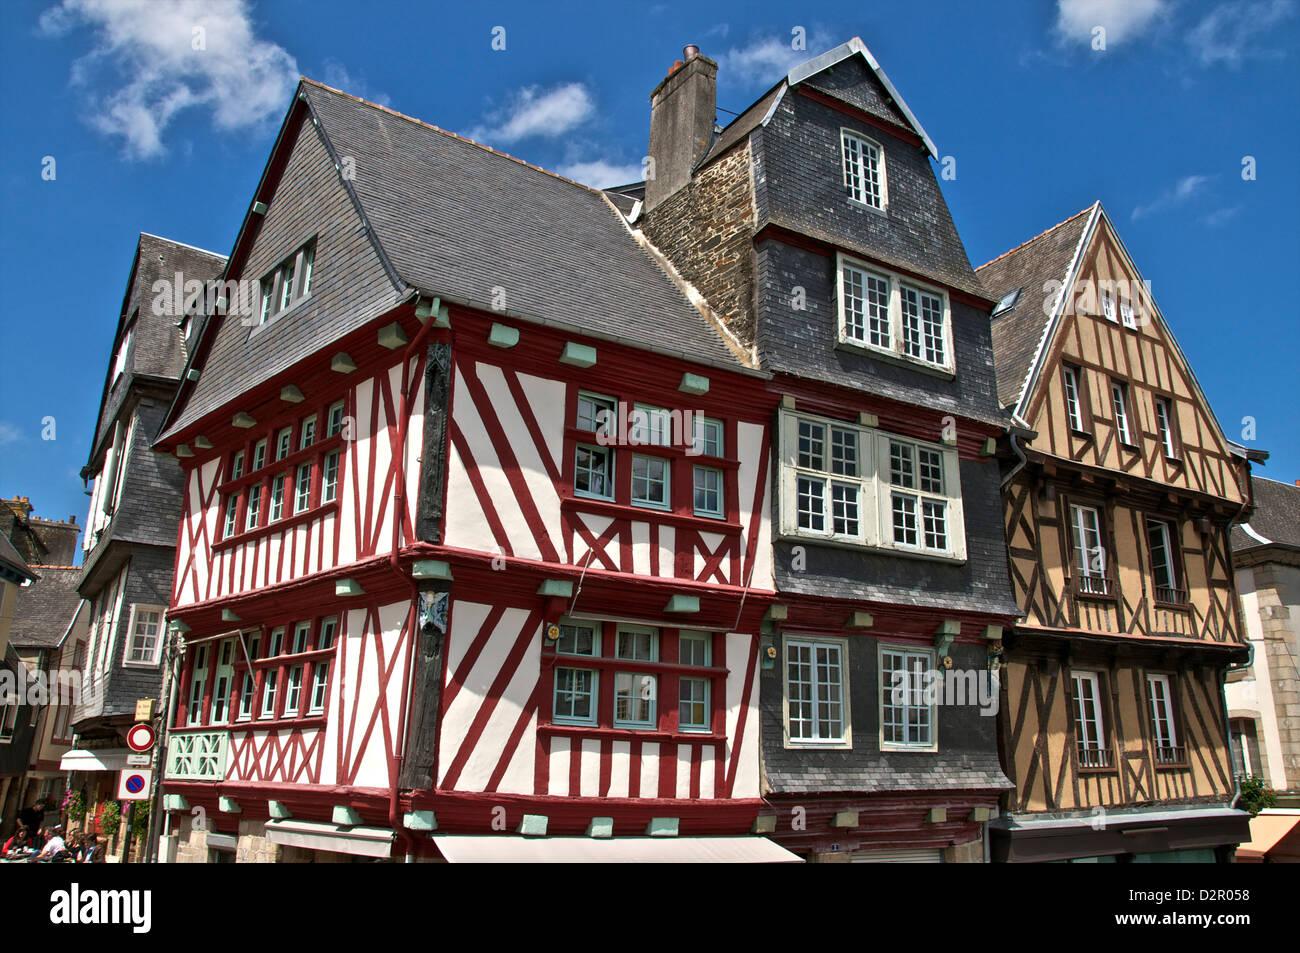 Maisons à colombages médiévales, vieille ville, Morlaix, Finistère, Bretagne, France, Europe Banque D'Images